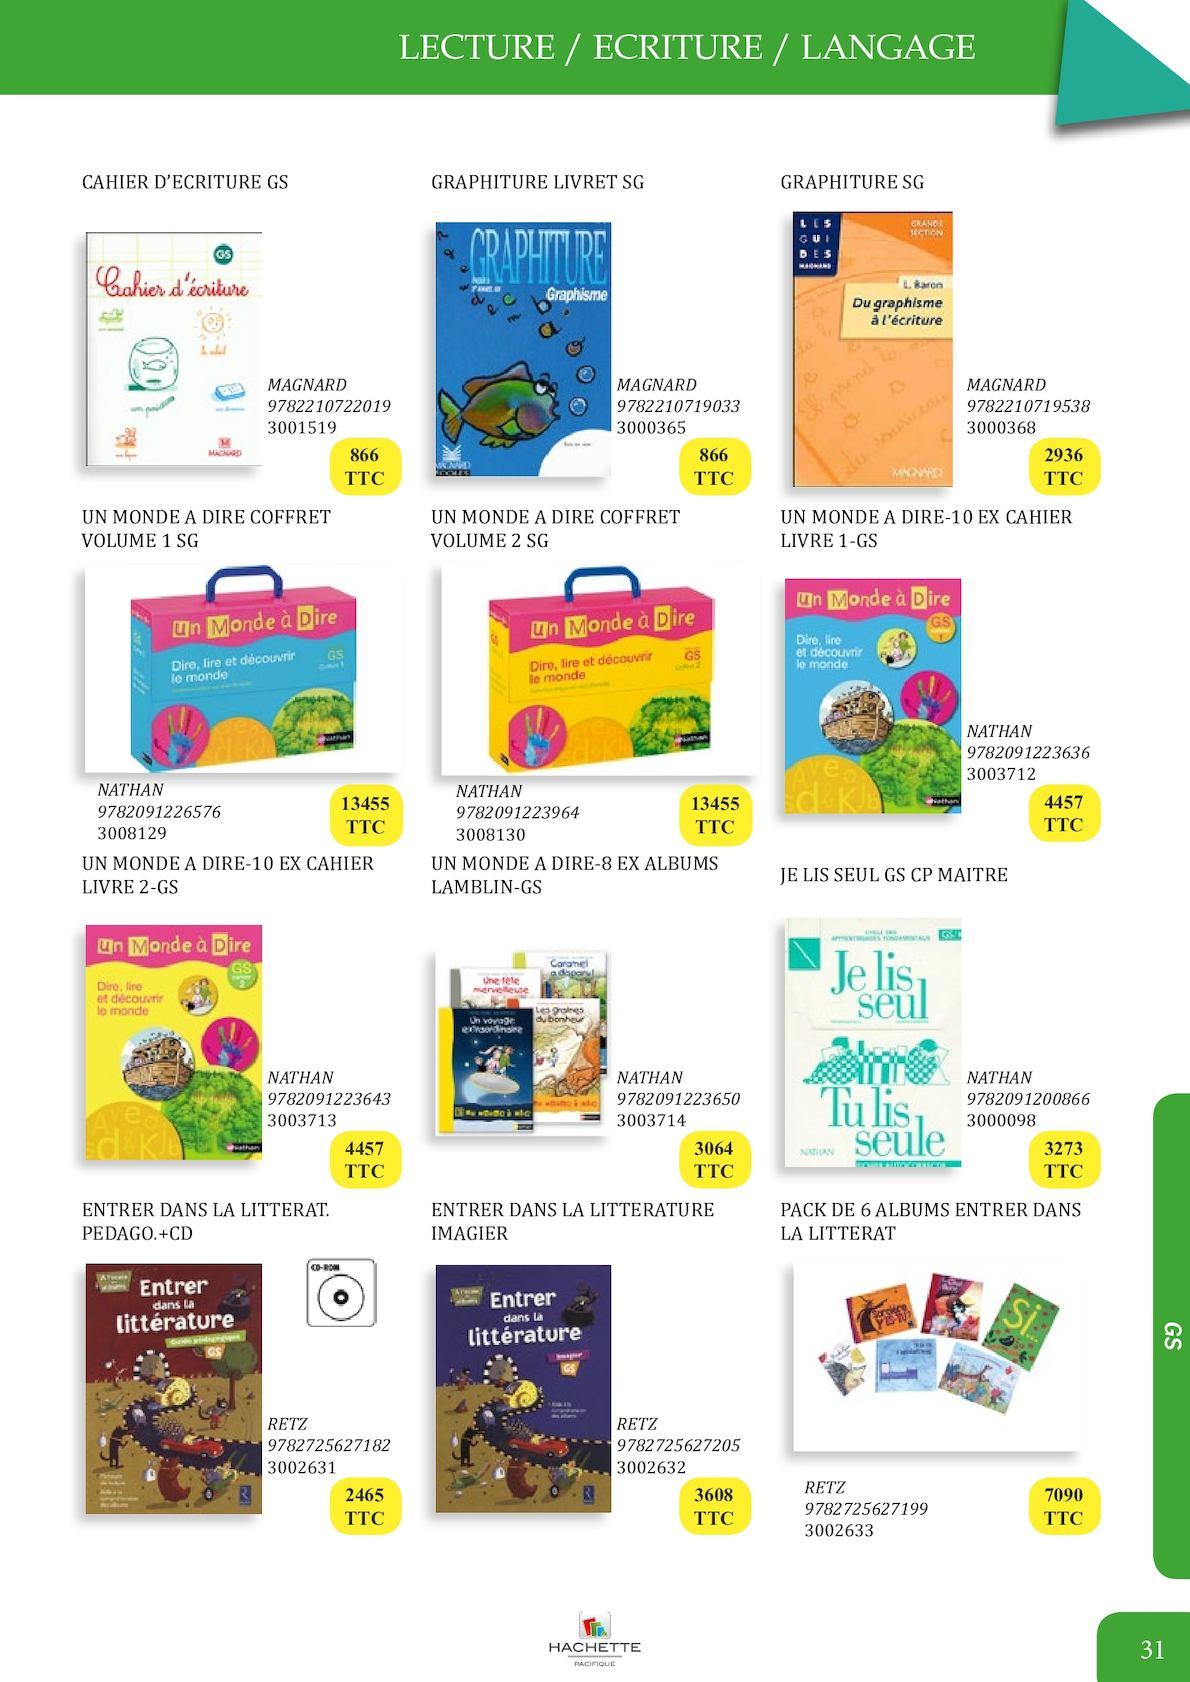 Catalogue Rdc 2017 - Maternelle Bd - Calameo Downloader à Graphisme En Gs